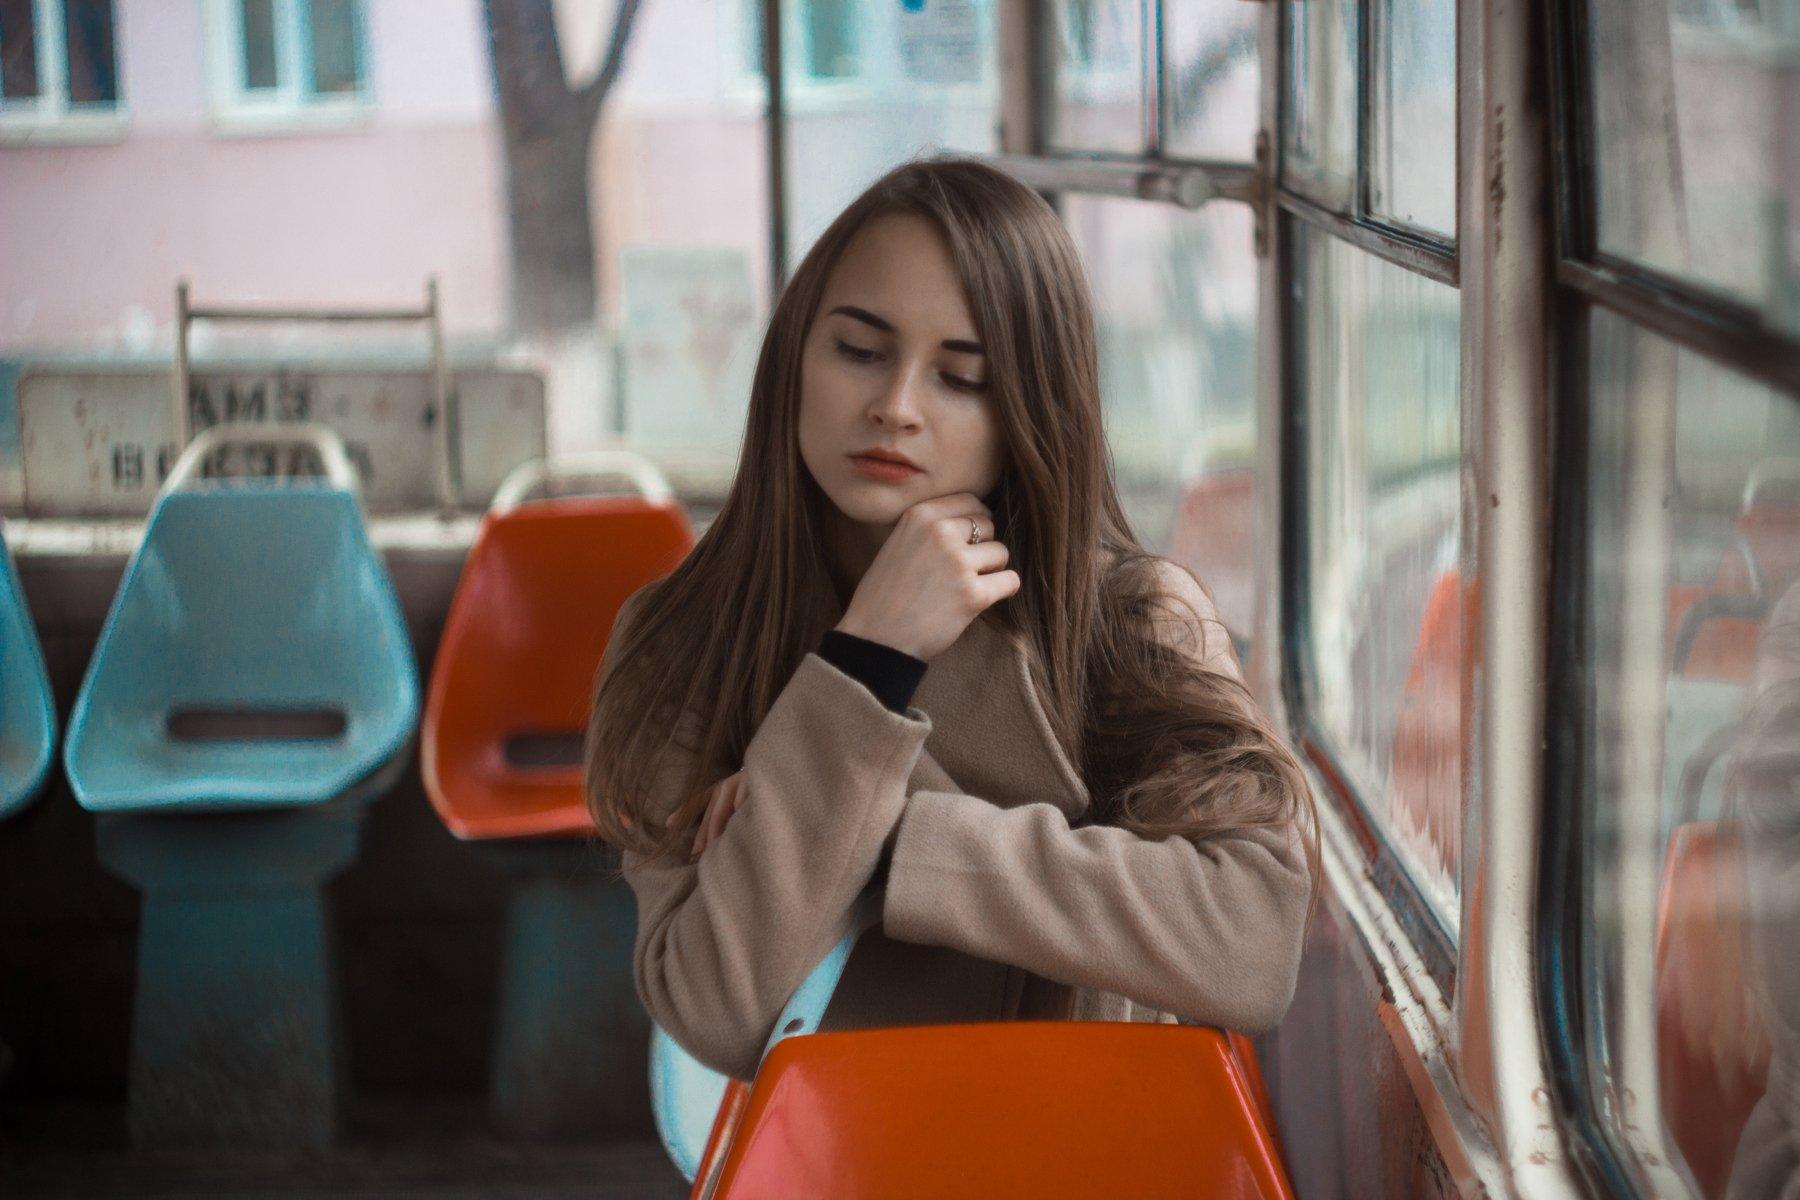 Портрет, фото, в трамвае, ретушь, объем, Вайнер Эльза